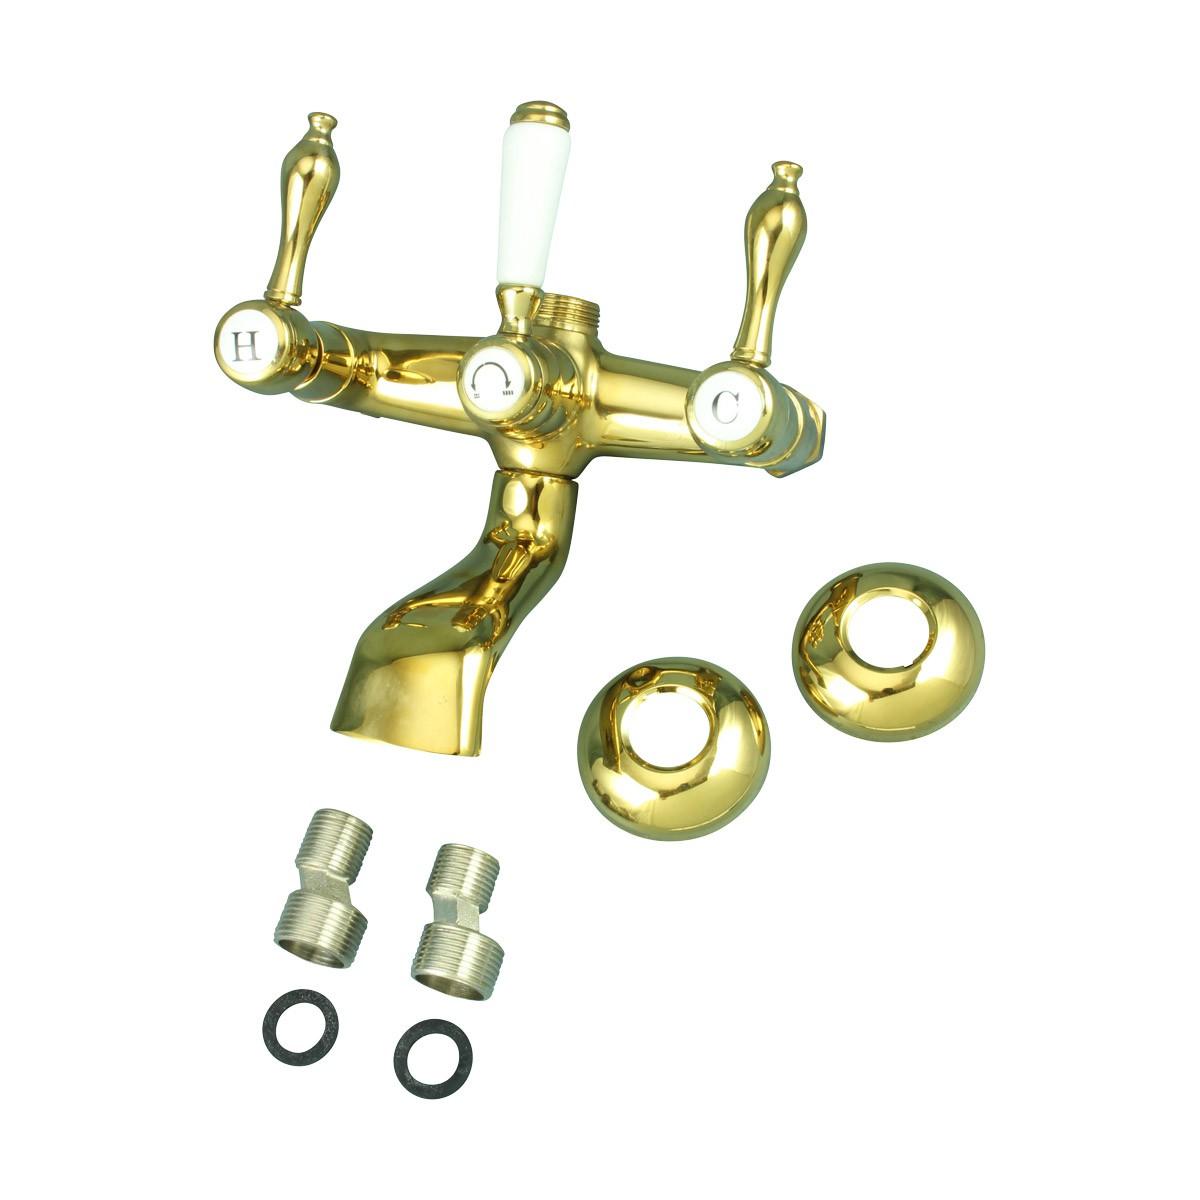 Clawfoot Tub Faucet Wall Mount Gold PVD Teardrop Levers 6 | Renovators Suppl Bathroom Faucet Part Faucet Part Faucet Parts